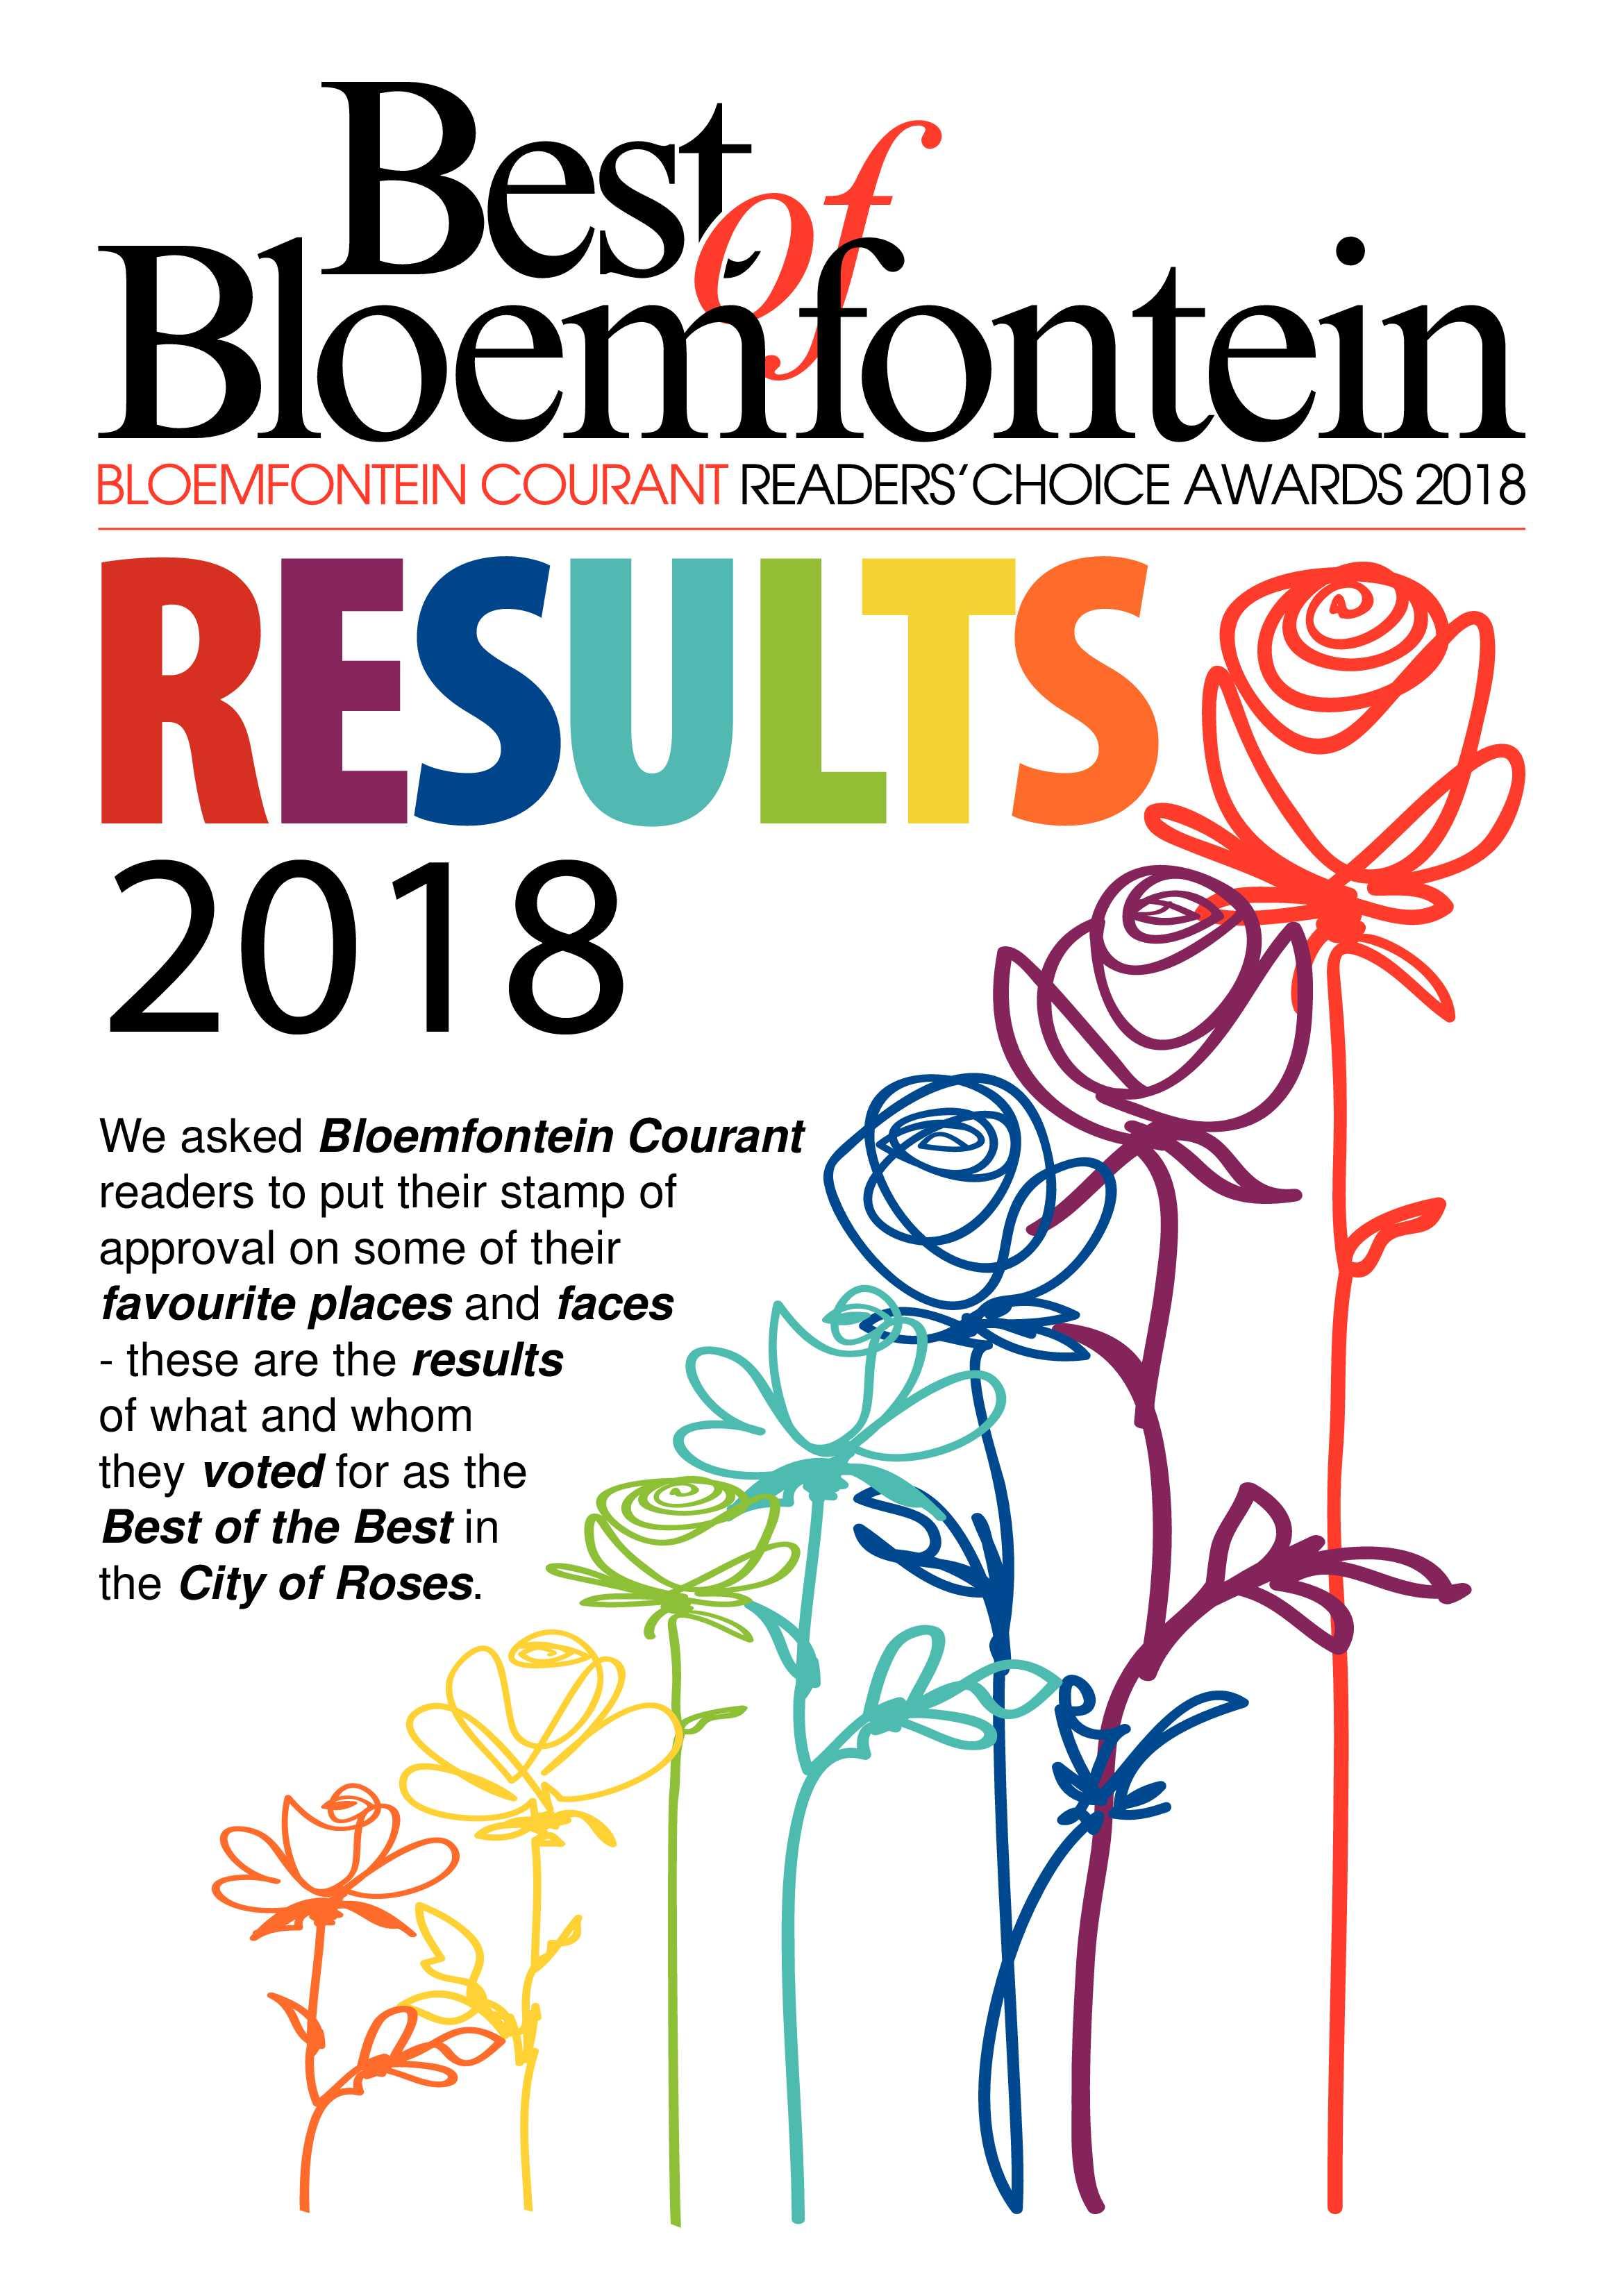 best-of-bloemfontein-2018-epapers-page-1